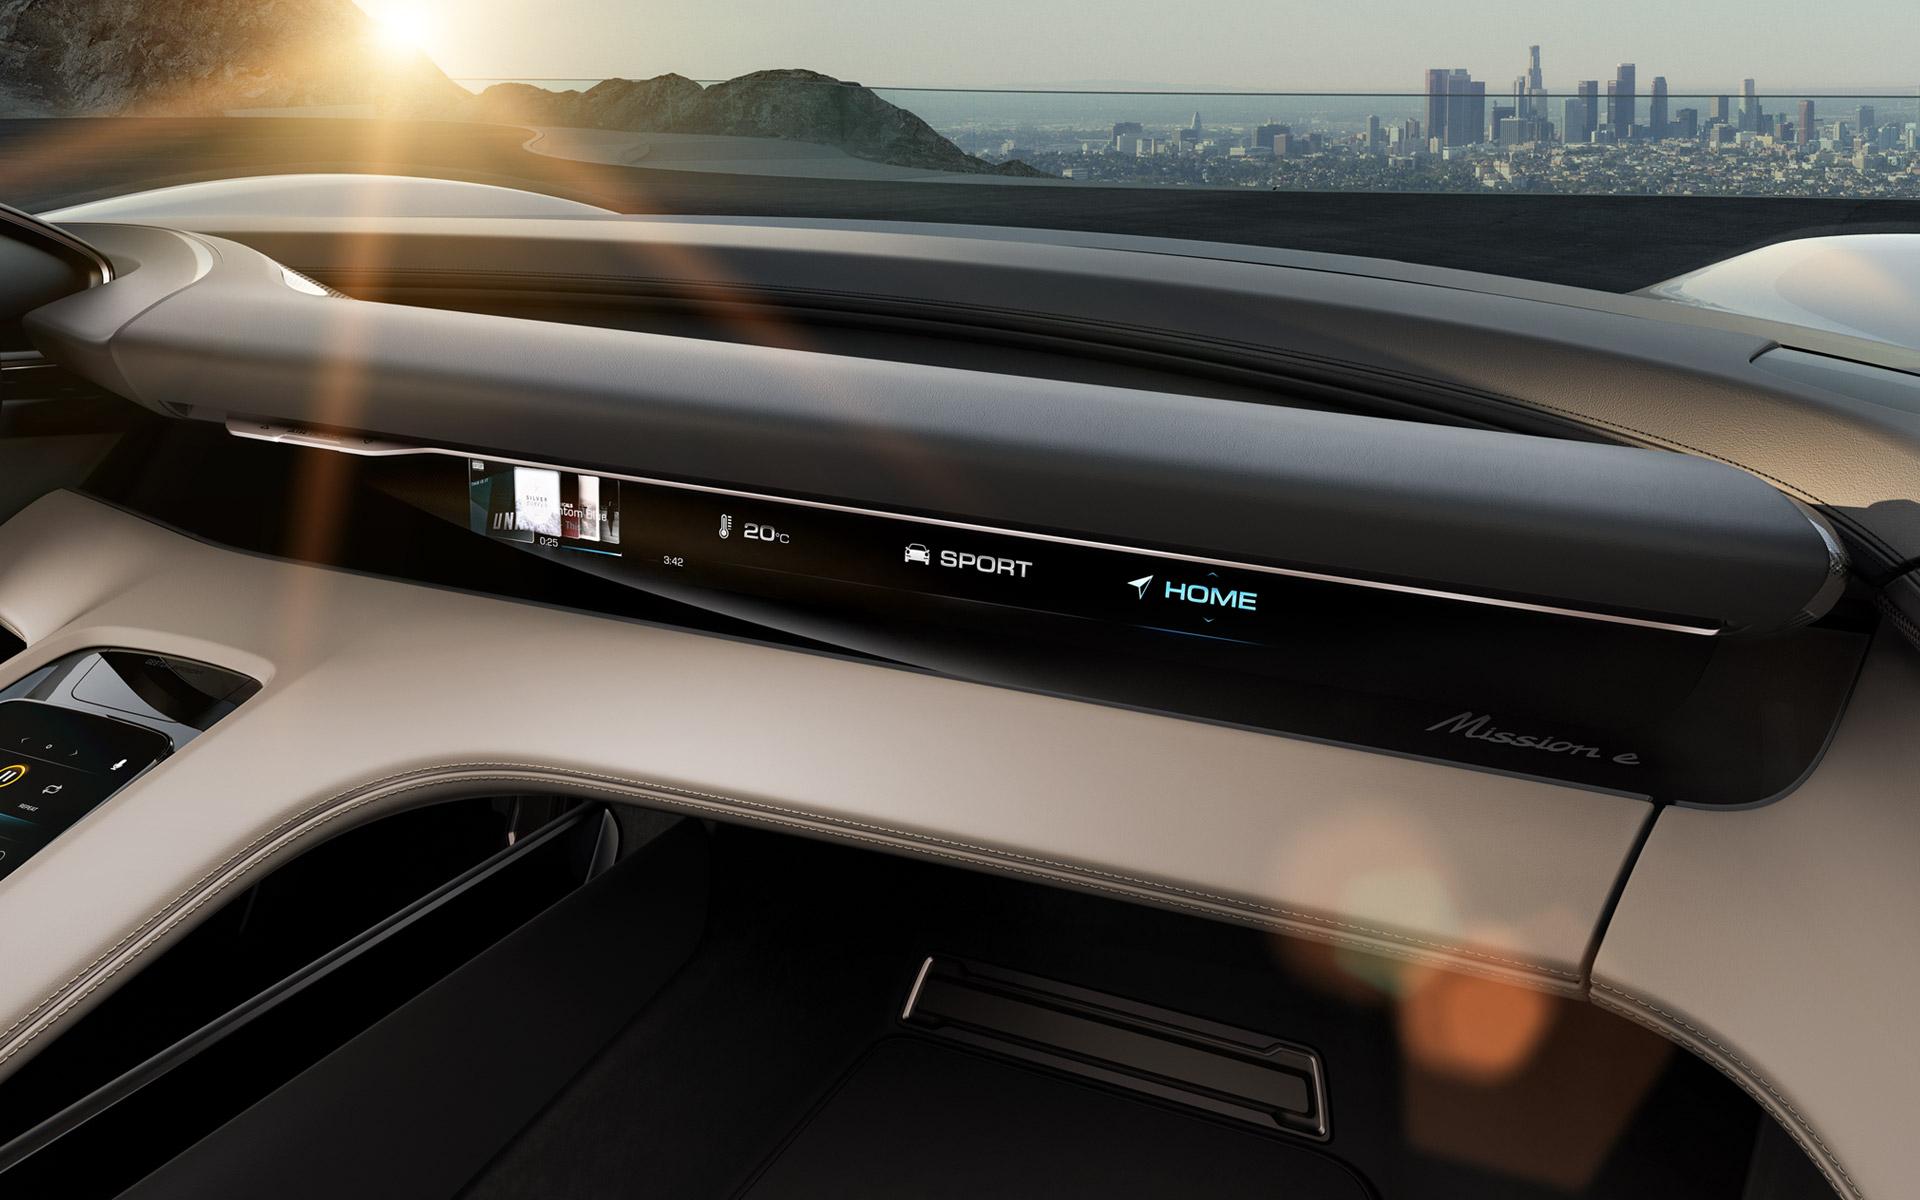 Годовой запас Porsche Taycan уже зарезервирован, в основном владельцами Tesla - 2